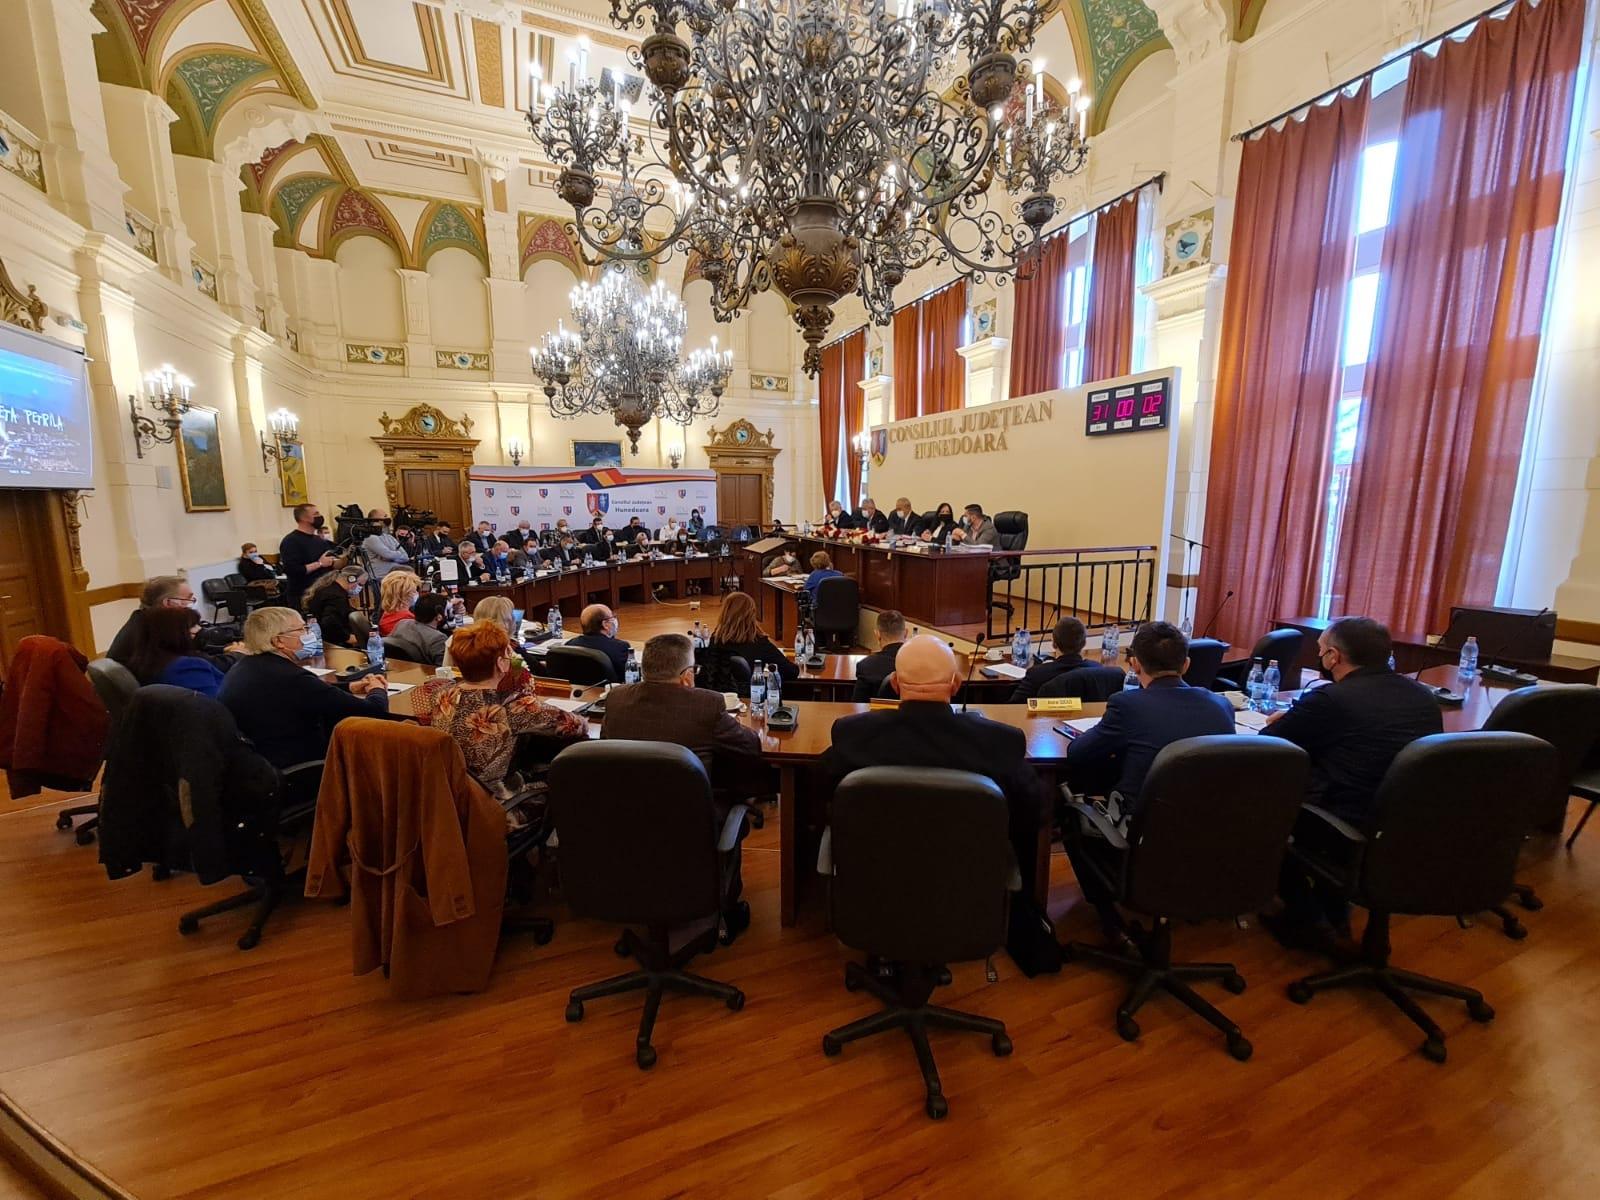 Salariile unor angajați ai Consiliului Județean Hunedoara depășesc 20.000 de lei